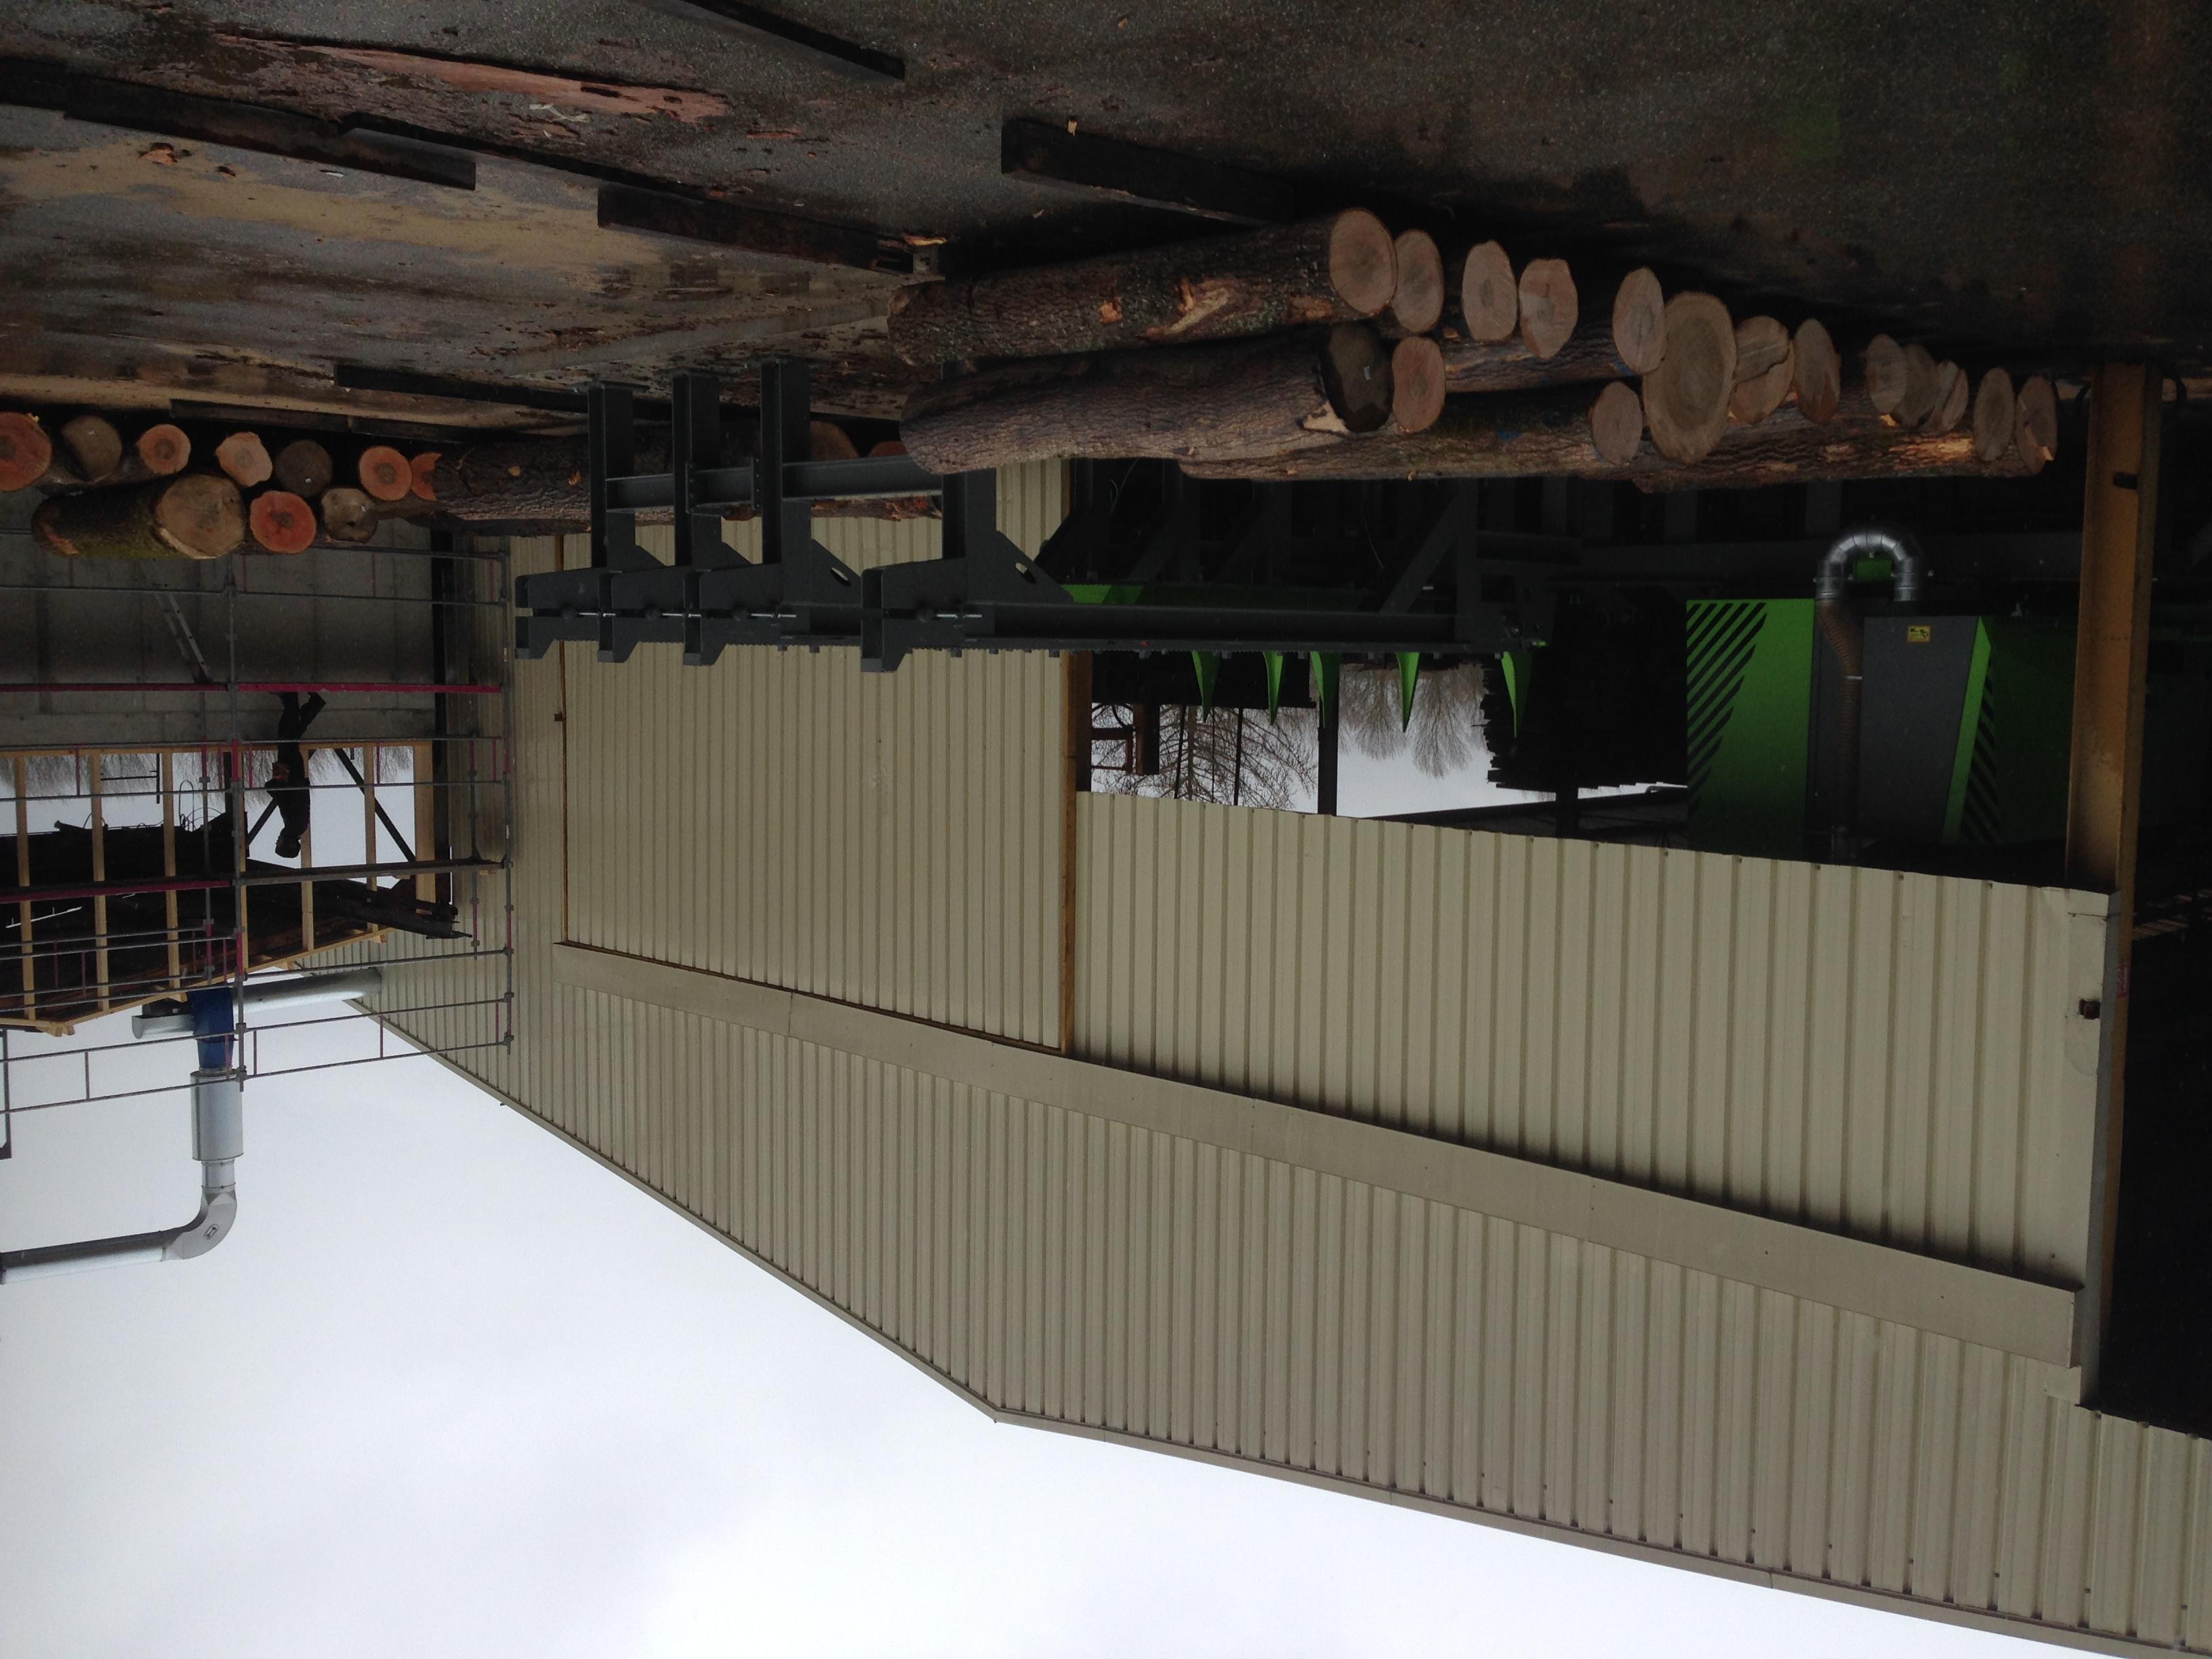 sawmill machine